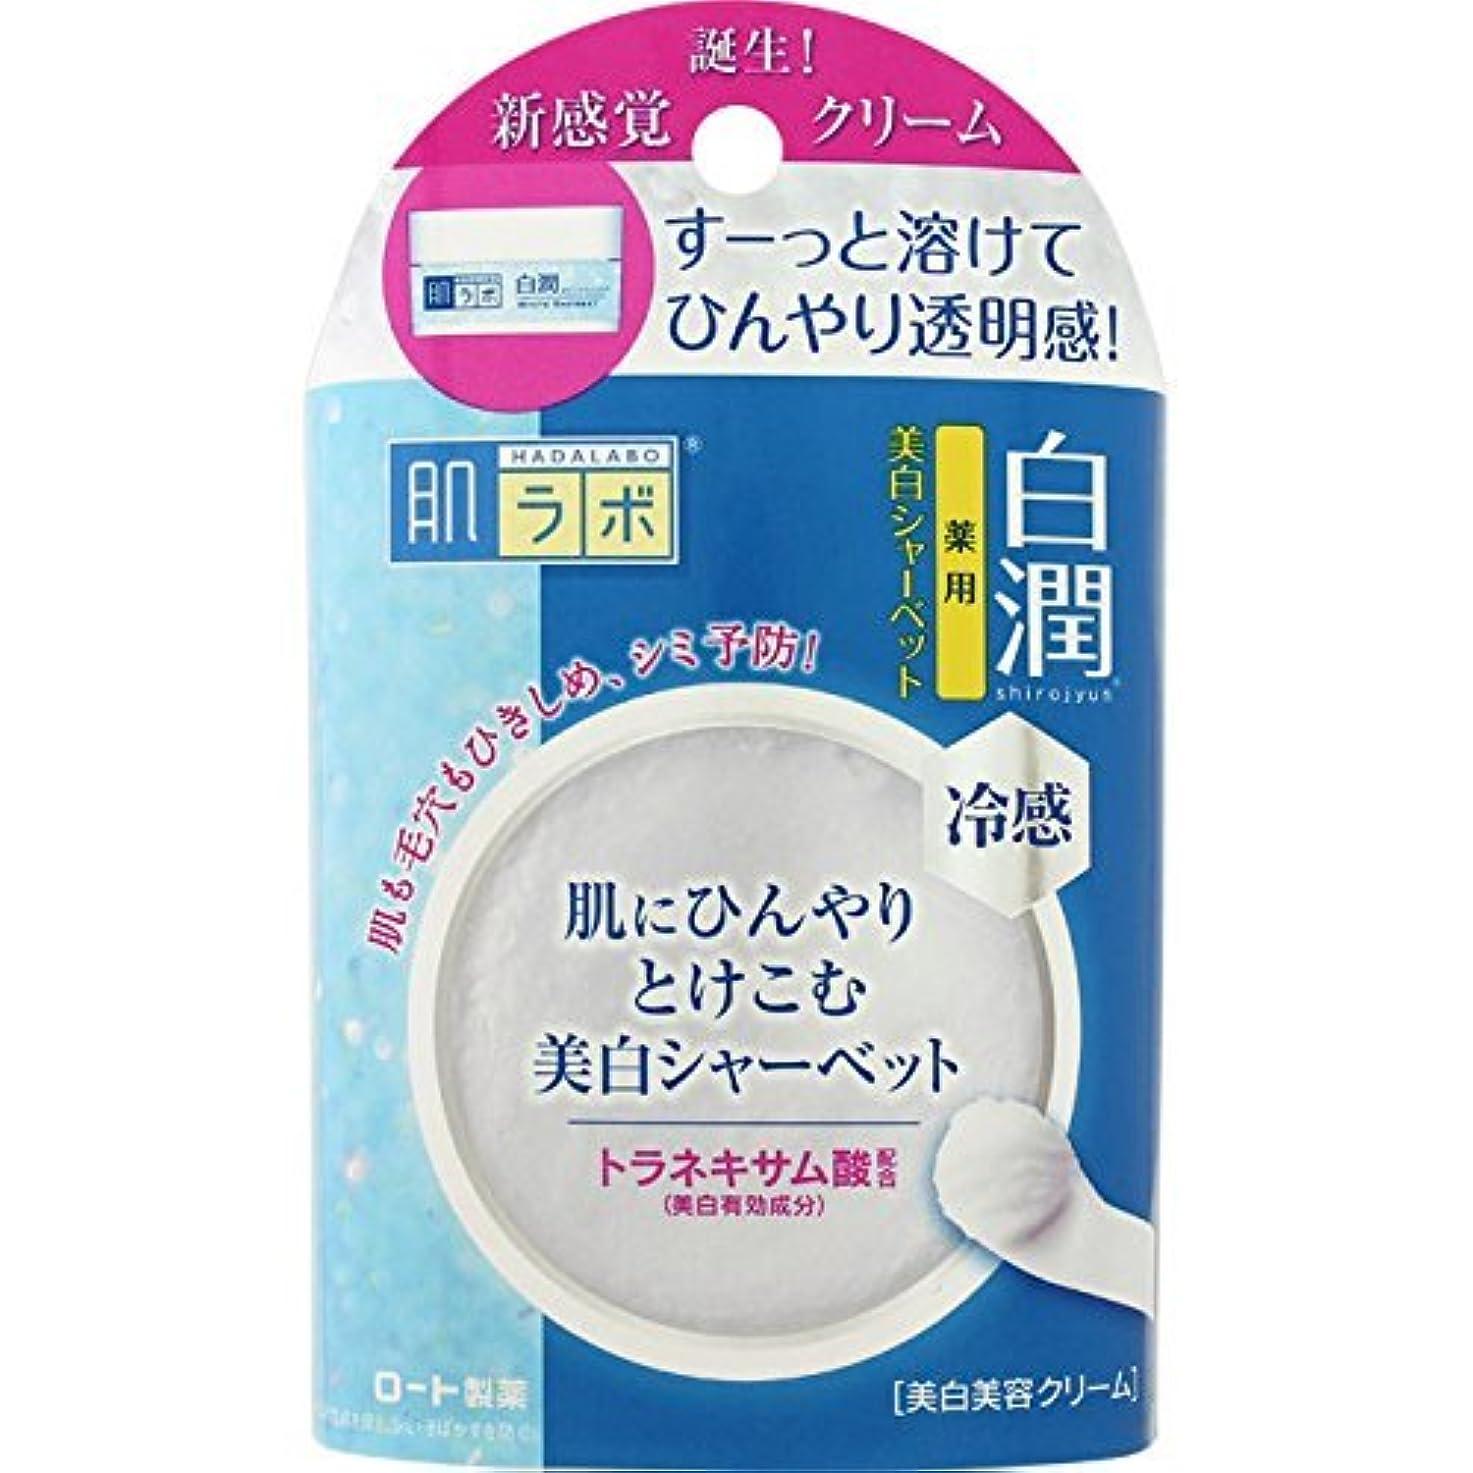 次つぼみ適切に肌ラボ 白潤 冷感美白シャーベット30g (医薬部外品)×5